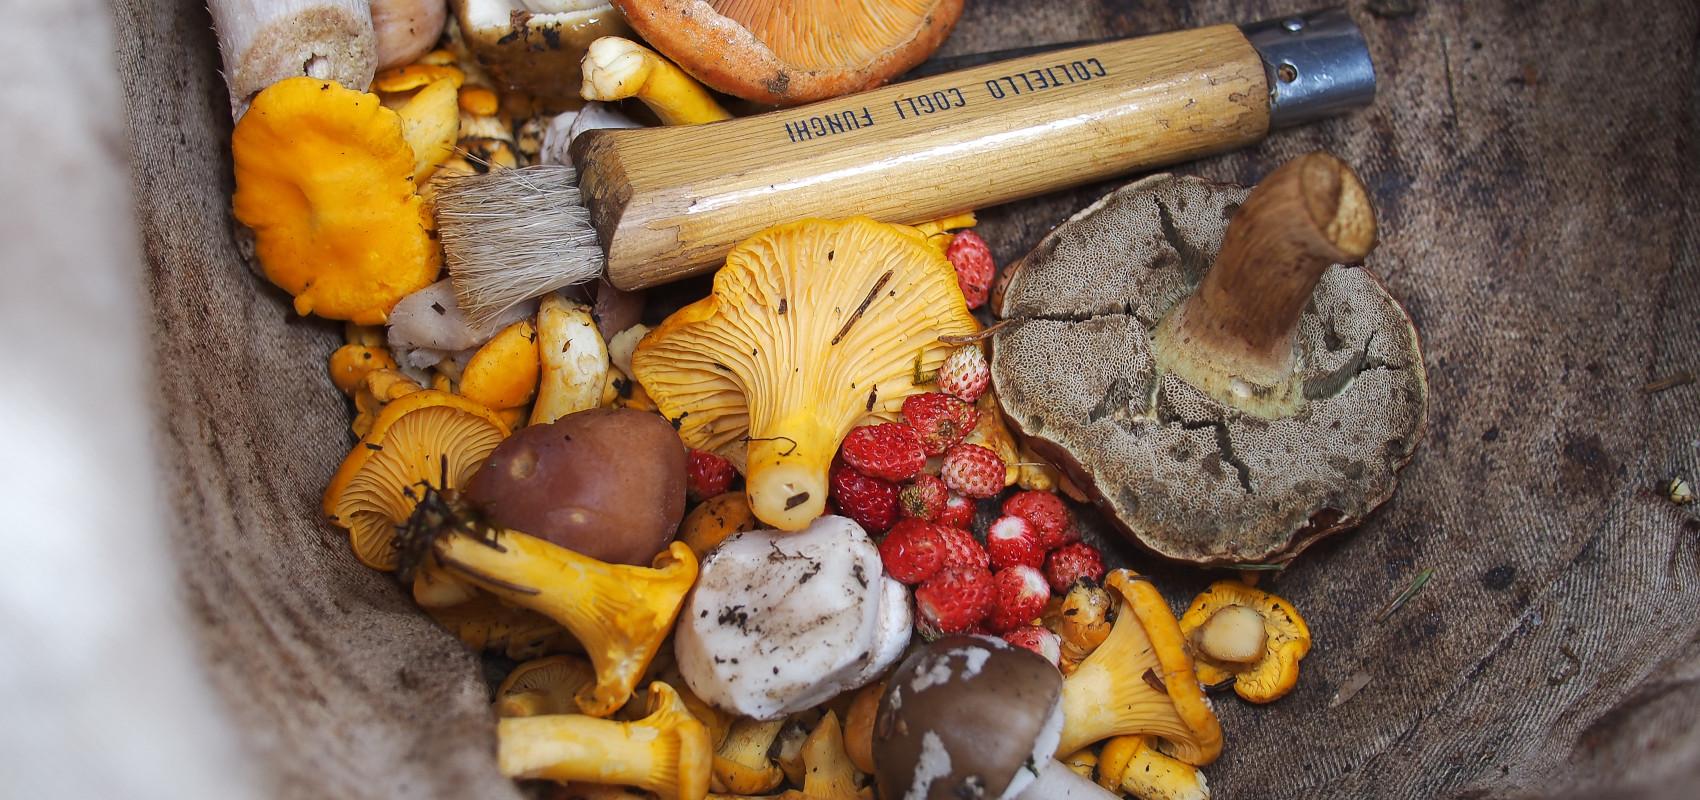 Przygotowania do jesiennych zbiorów – co trzeba zabrać